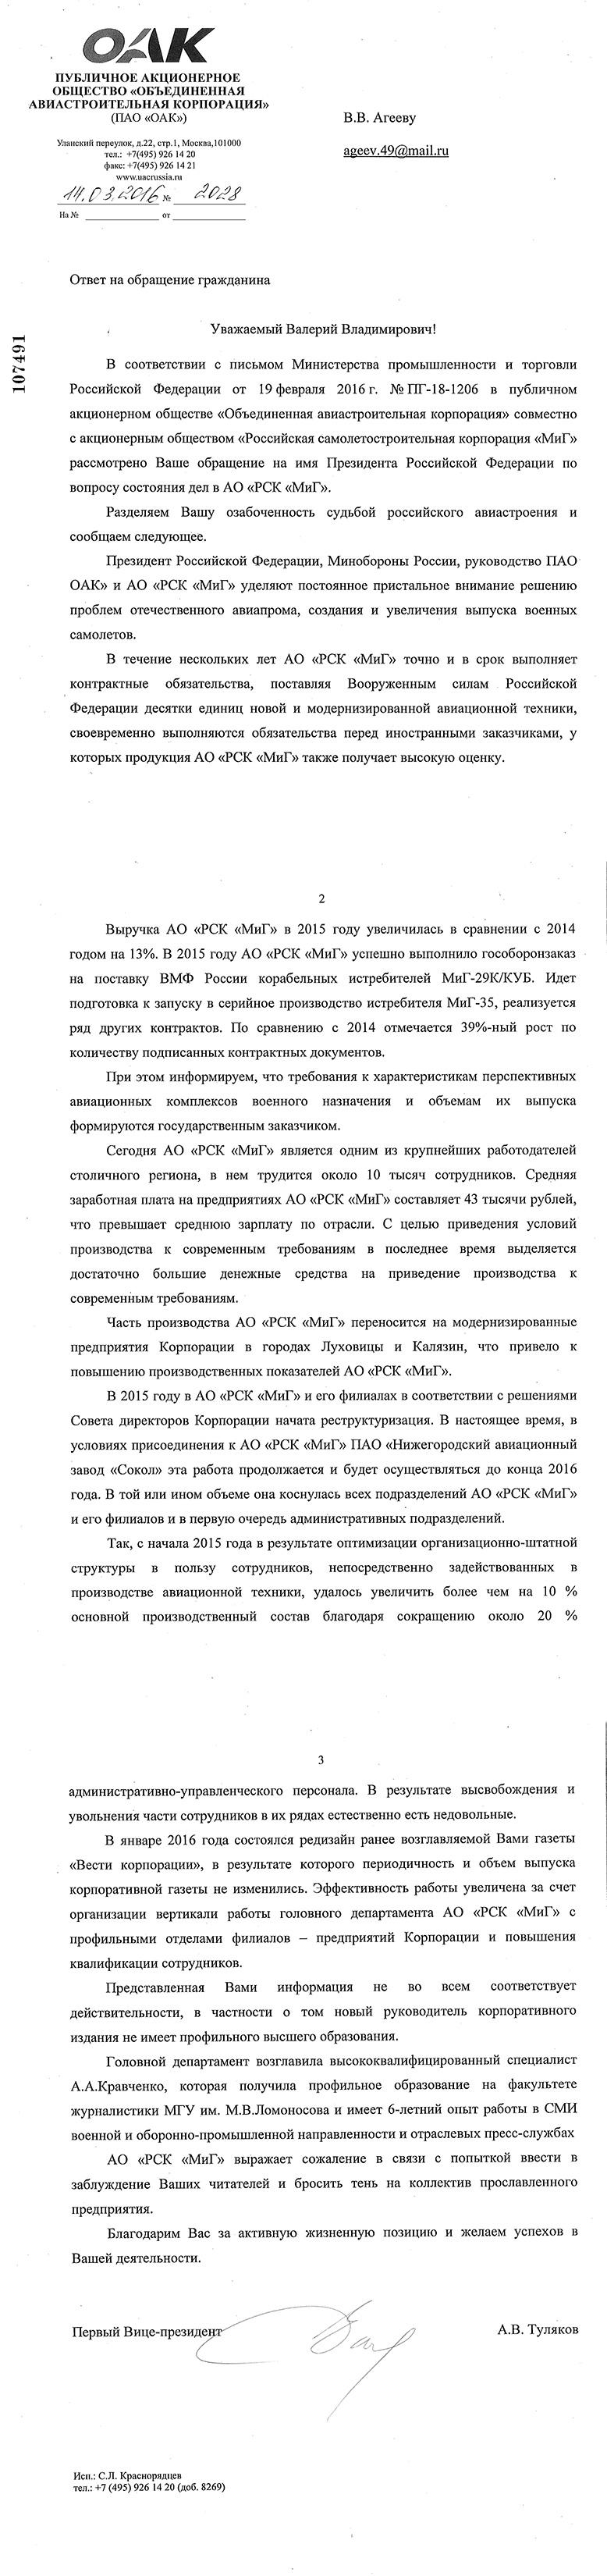 Ответ ОАК на обращение В.В. Агеева.